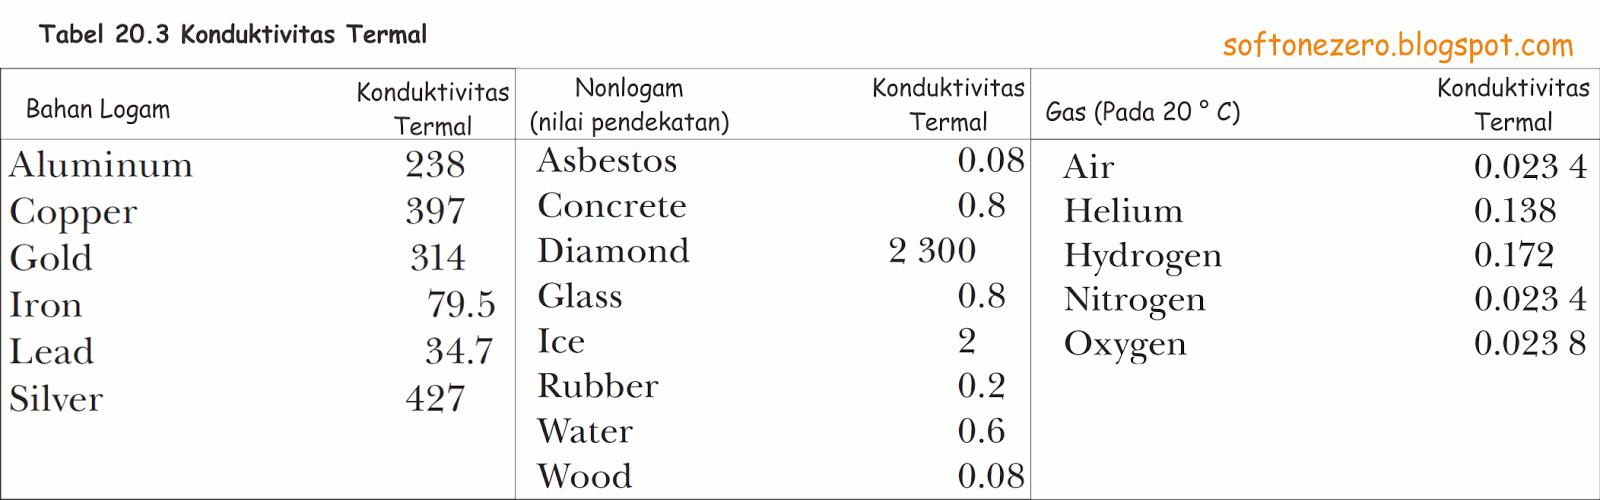 Tabel konduktivitas termal